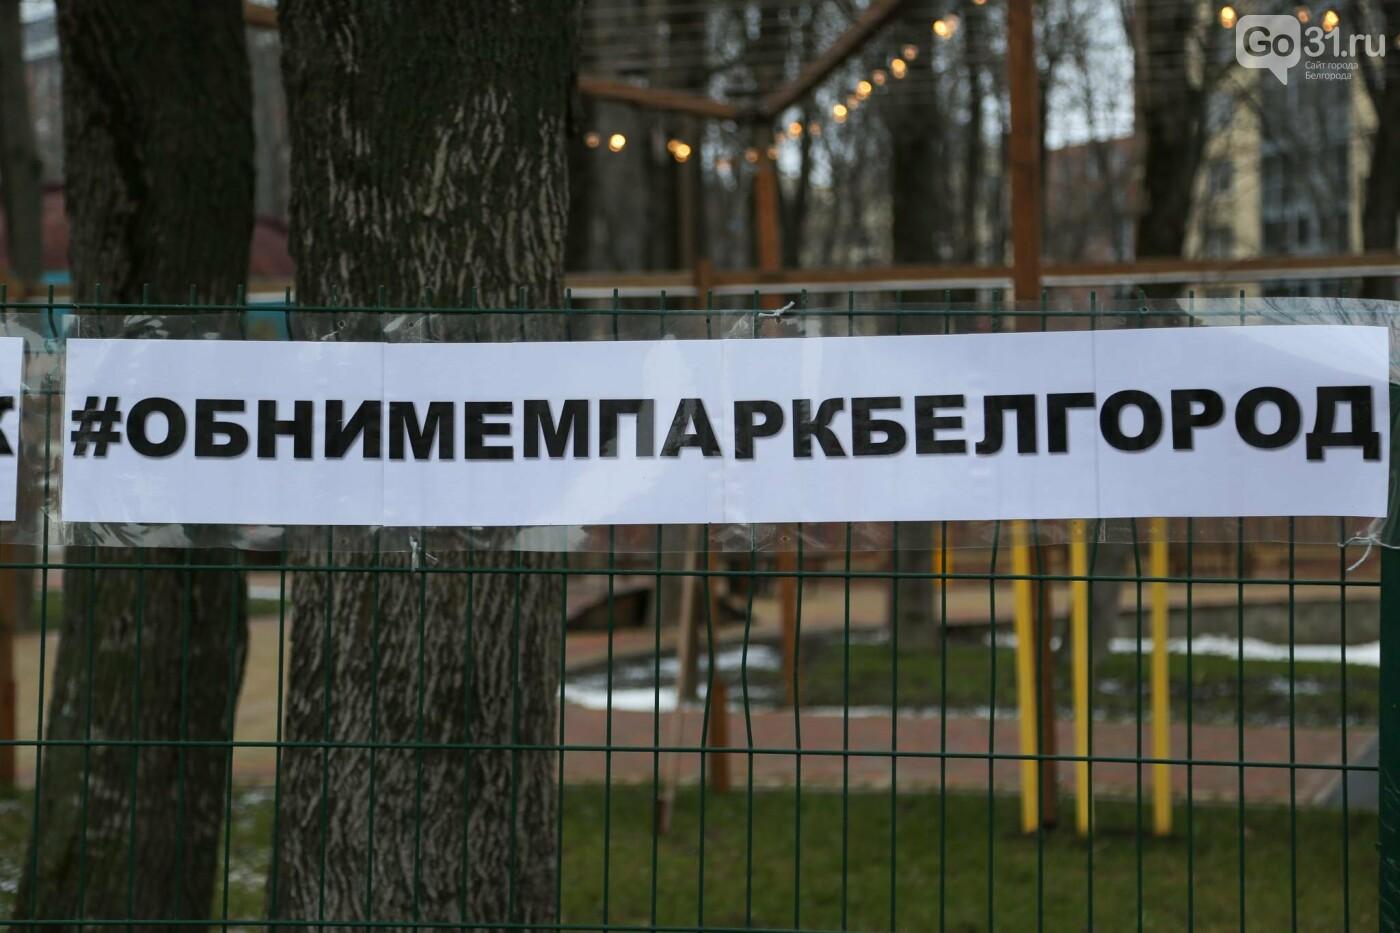 Александр Каракулов: С Центральным парком сейчас всё складывается не лучшим образом, фото-4